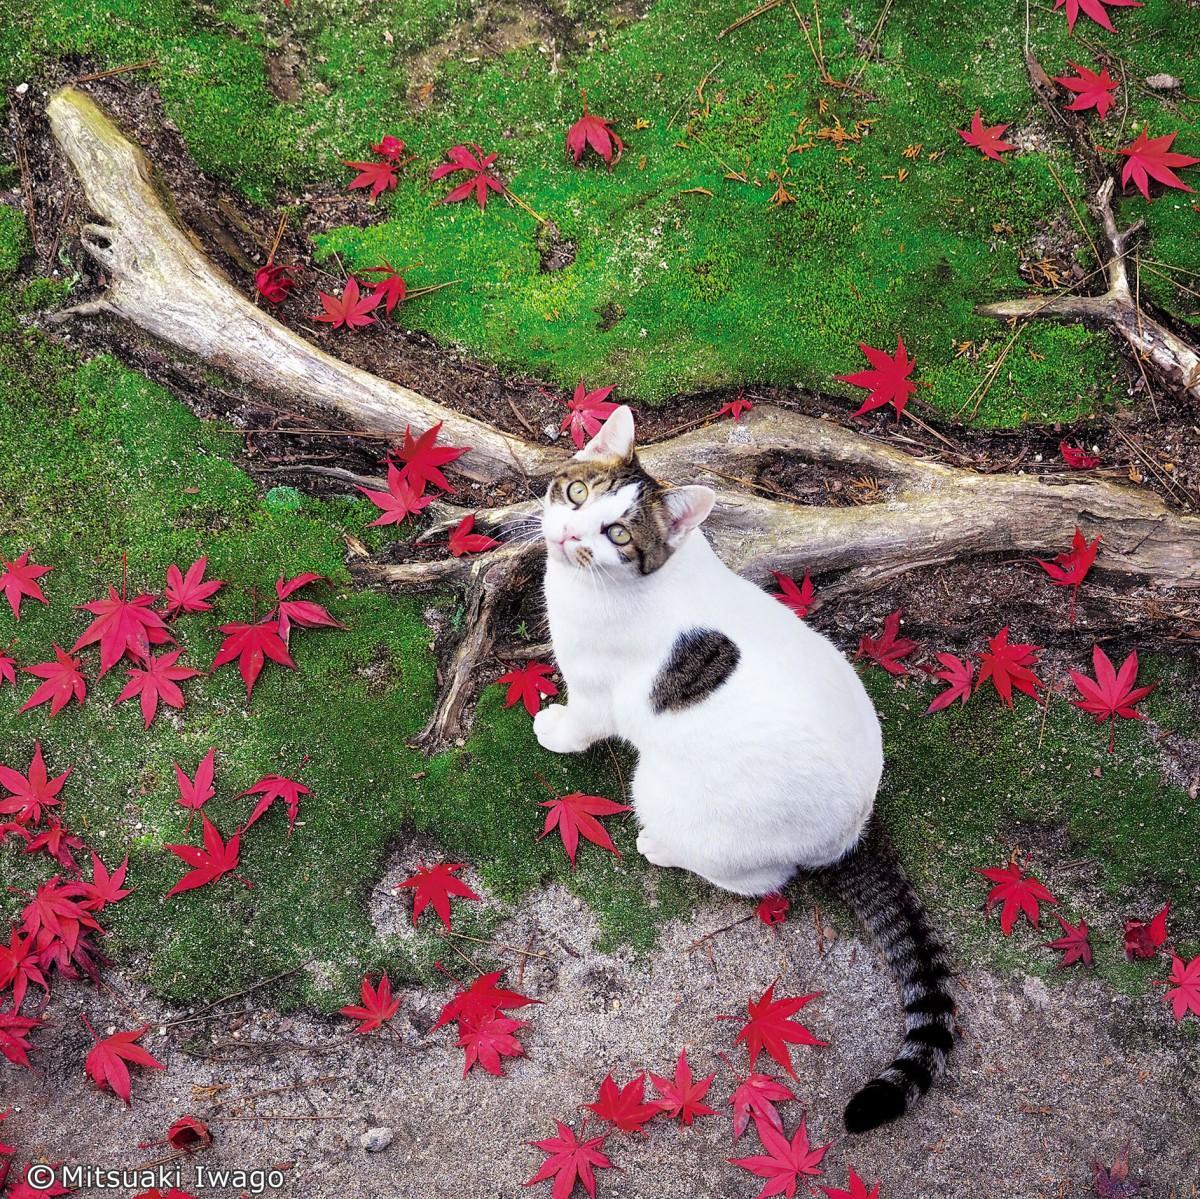 「岩合光昭写真展 ねこの京都、秋」の出品作品